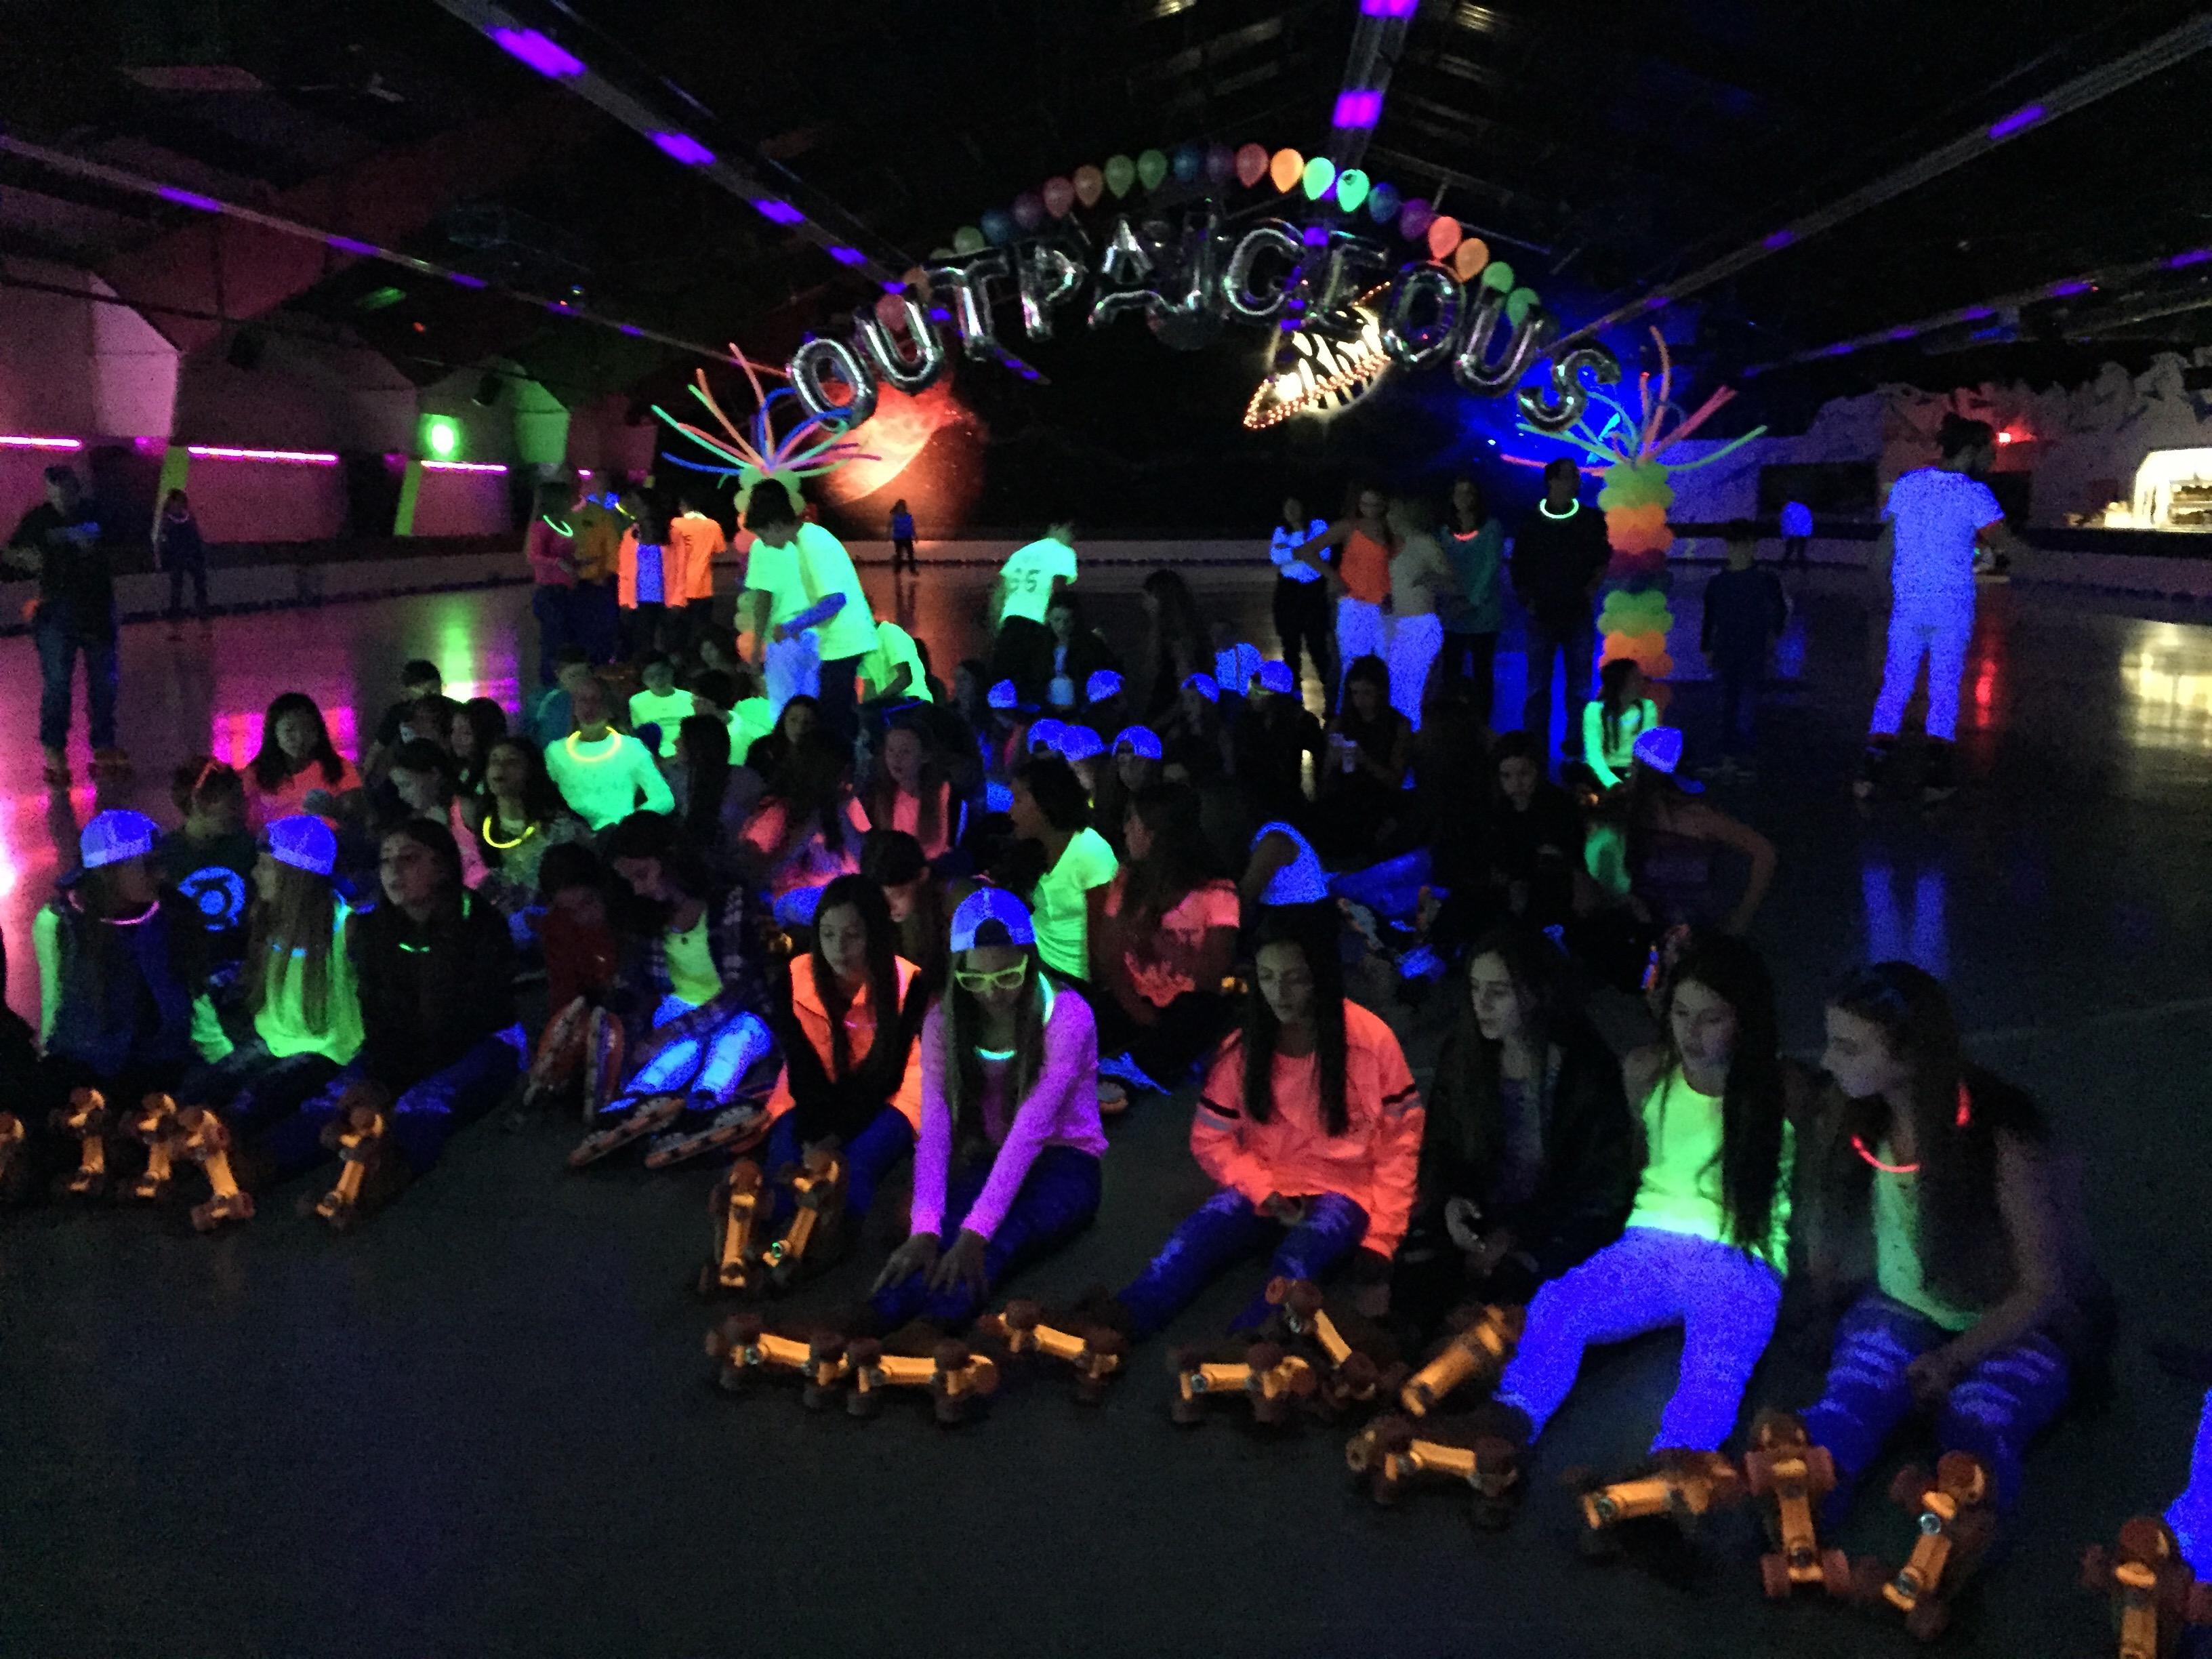 Neon Bat Mitzvah - Elaine Klein Events